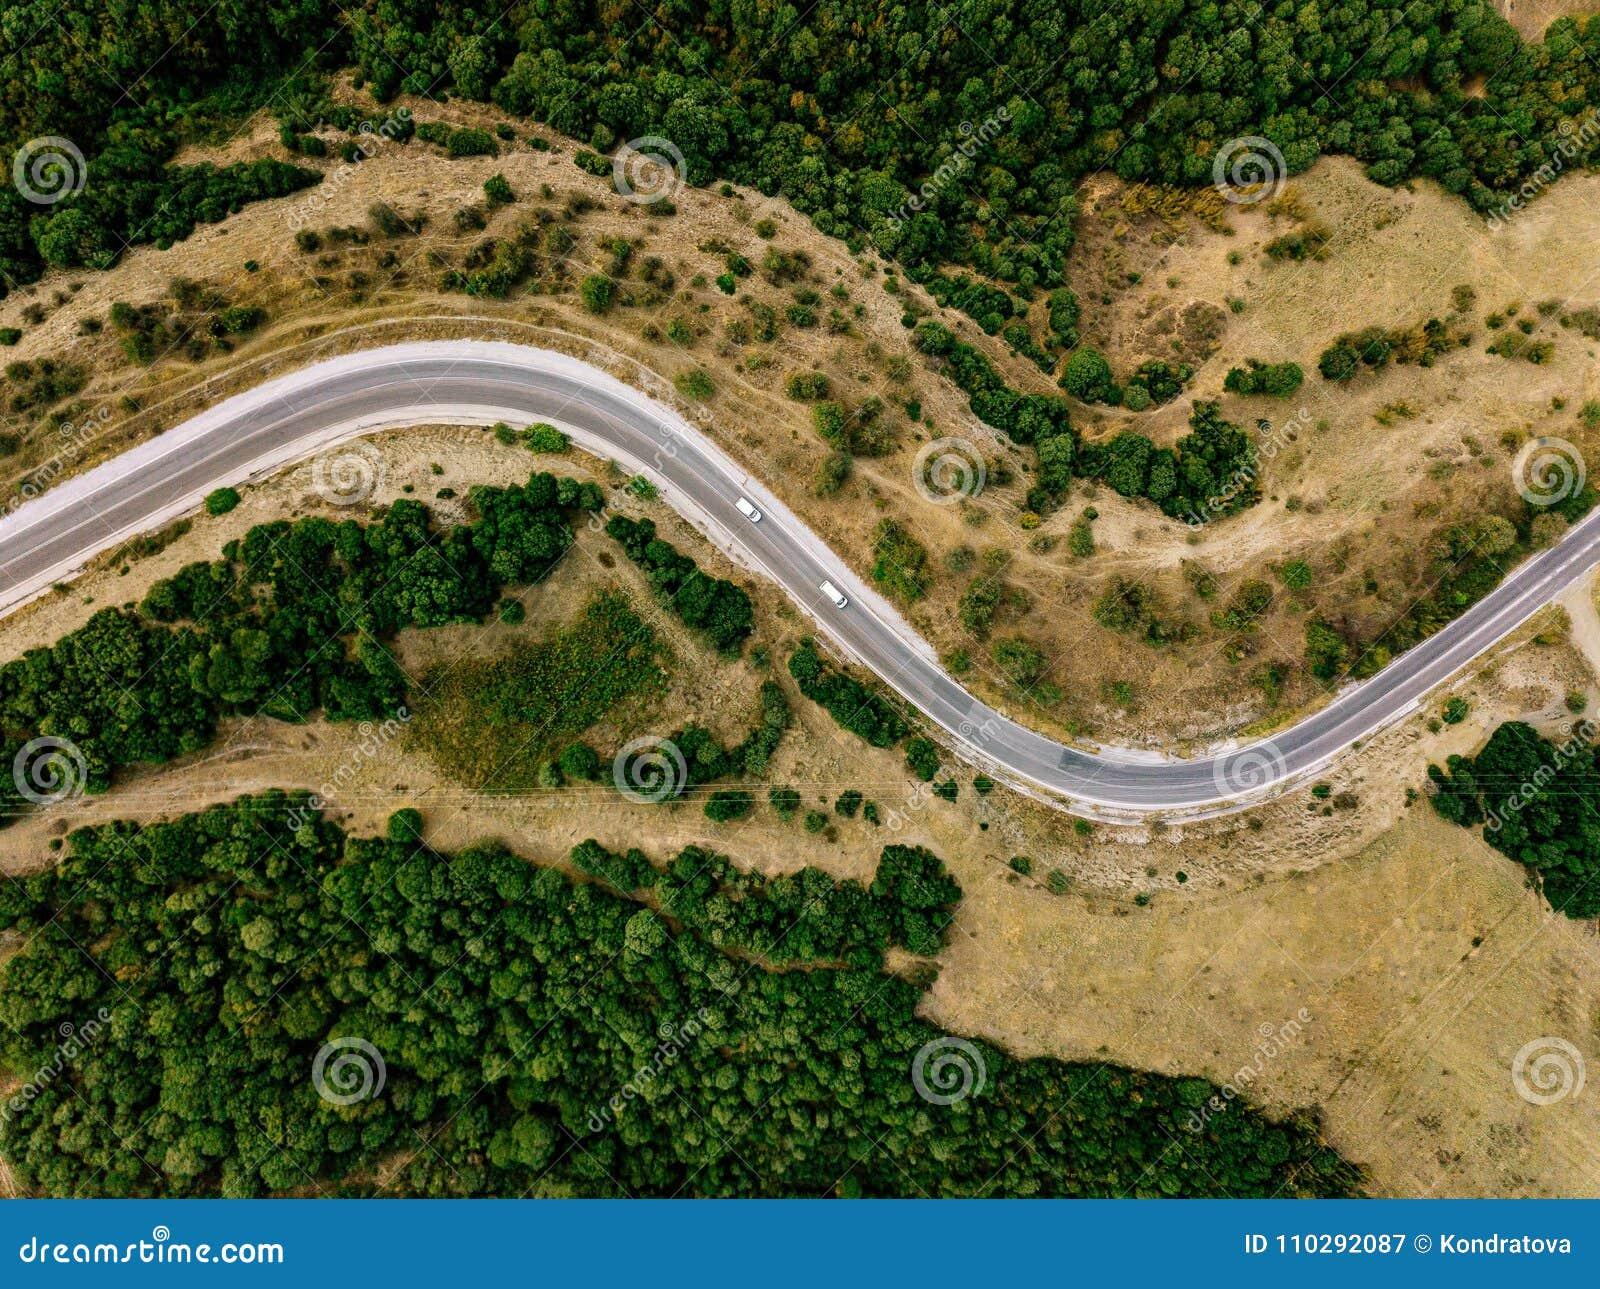 Antenne über Ansicht einer ländlichen Landschaft mit einem curvy Straßenlauf durch ihn in Griechenland